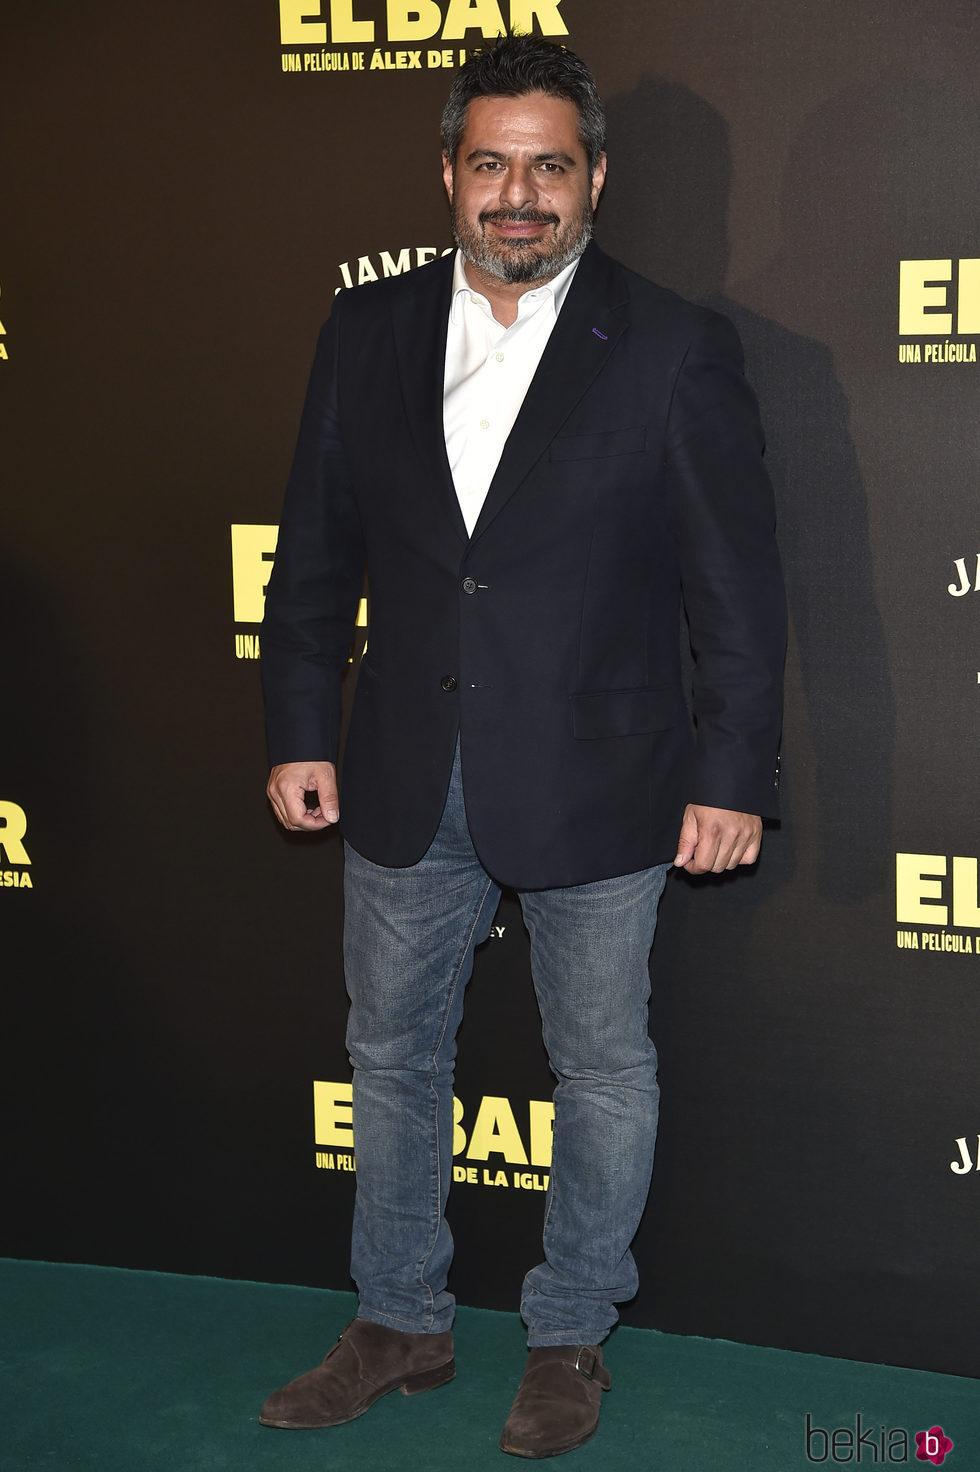 Jalís de la Serna en la presentación de la película 'El Bar' en los cines Callao de Madrid